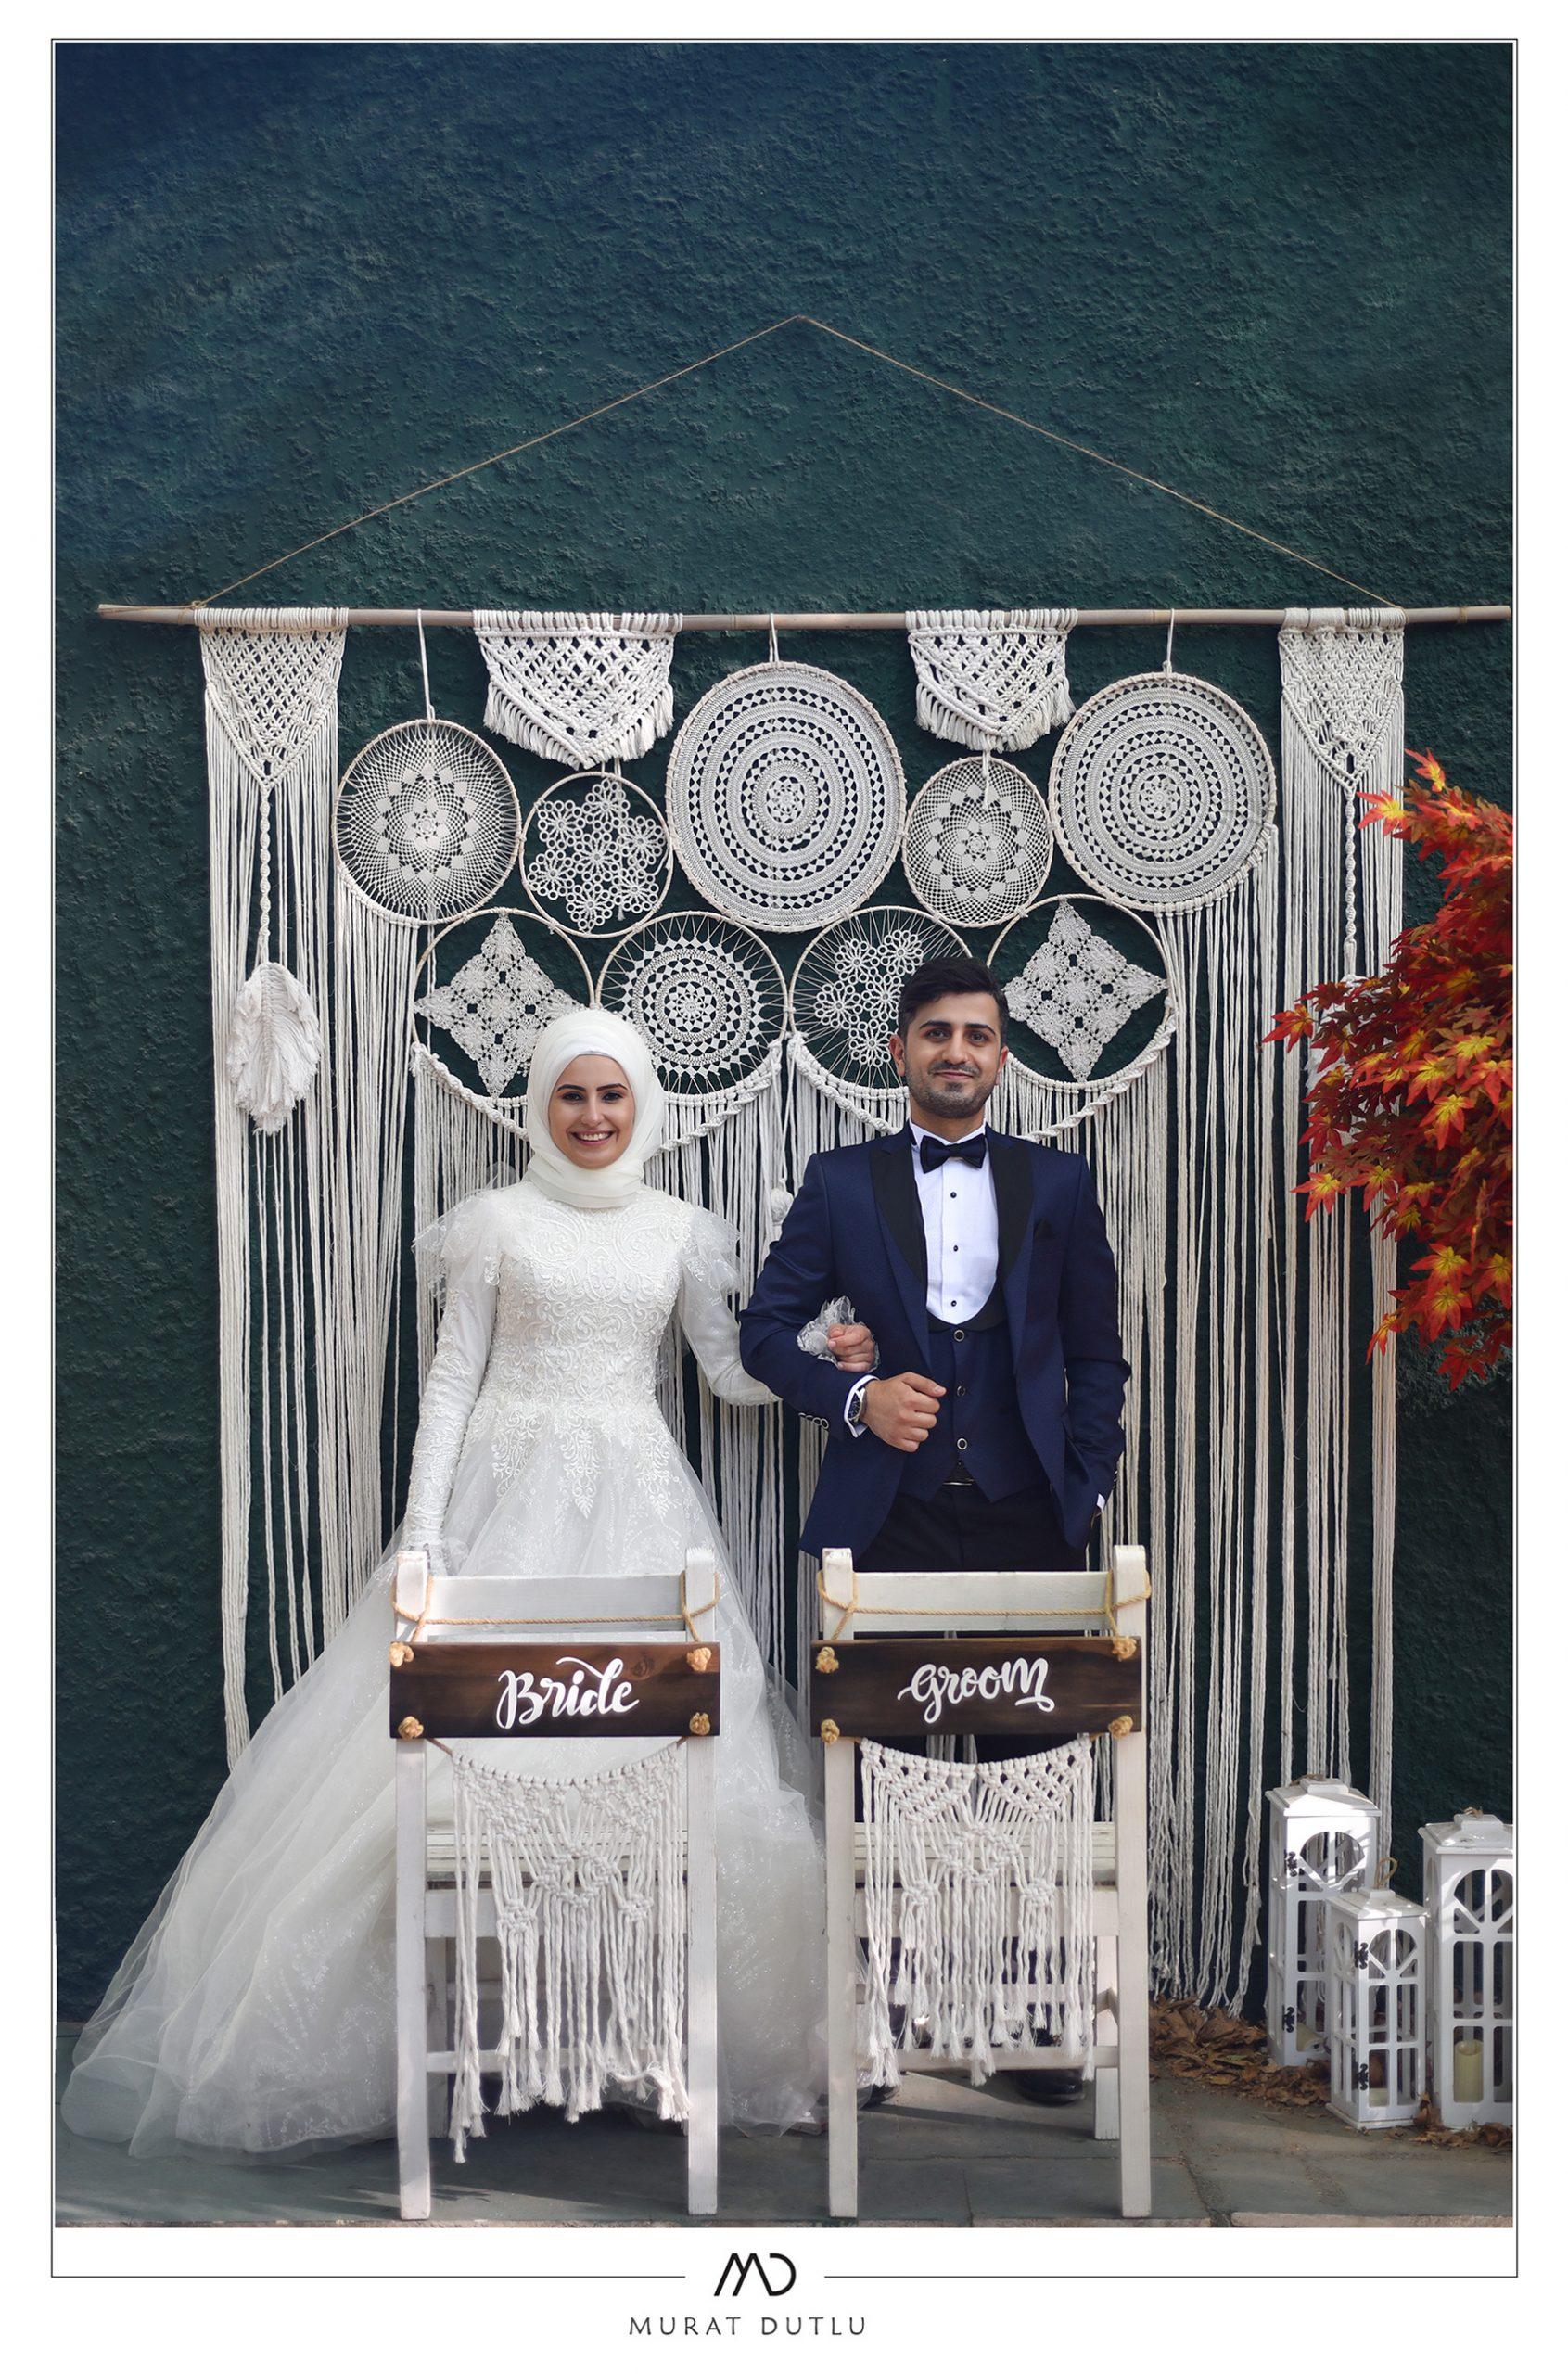 İzmir düğün fotoğrafçısı, İzmir düğün fotoğrafları, İzmir düğün hikayesi, Alaçatı düğün fotoğrafçısı, Murat Dutlu